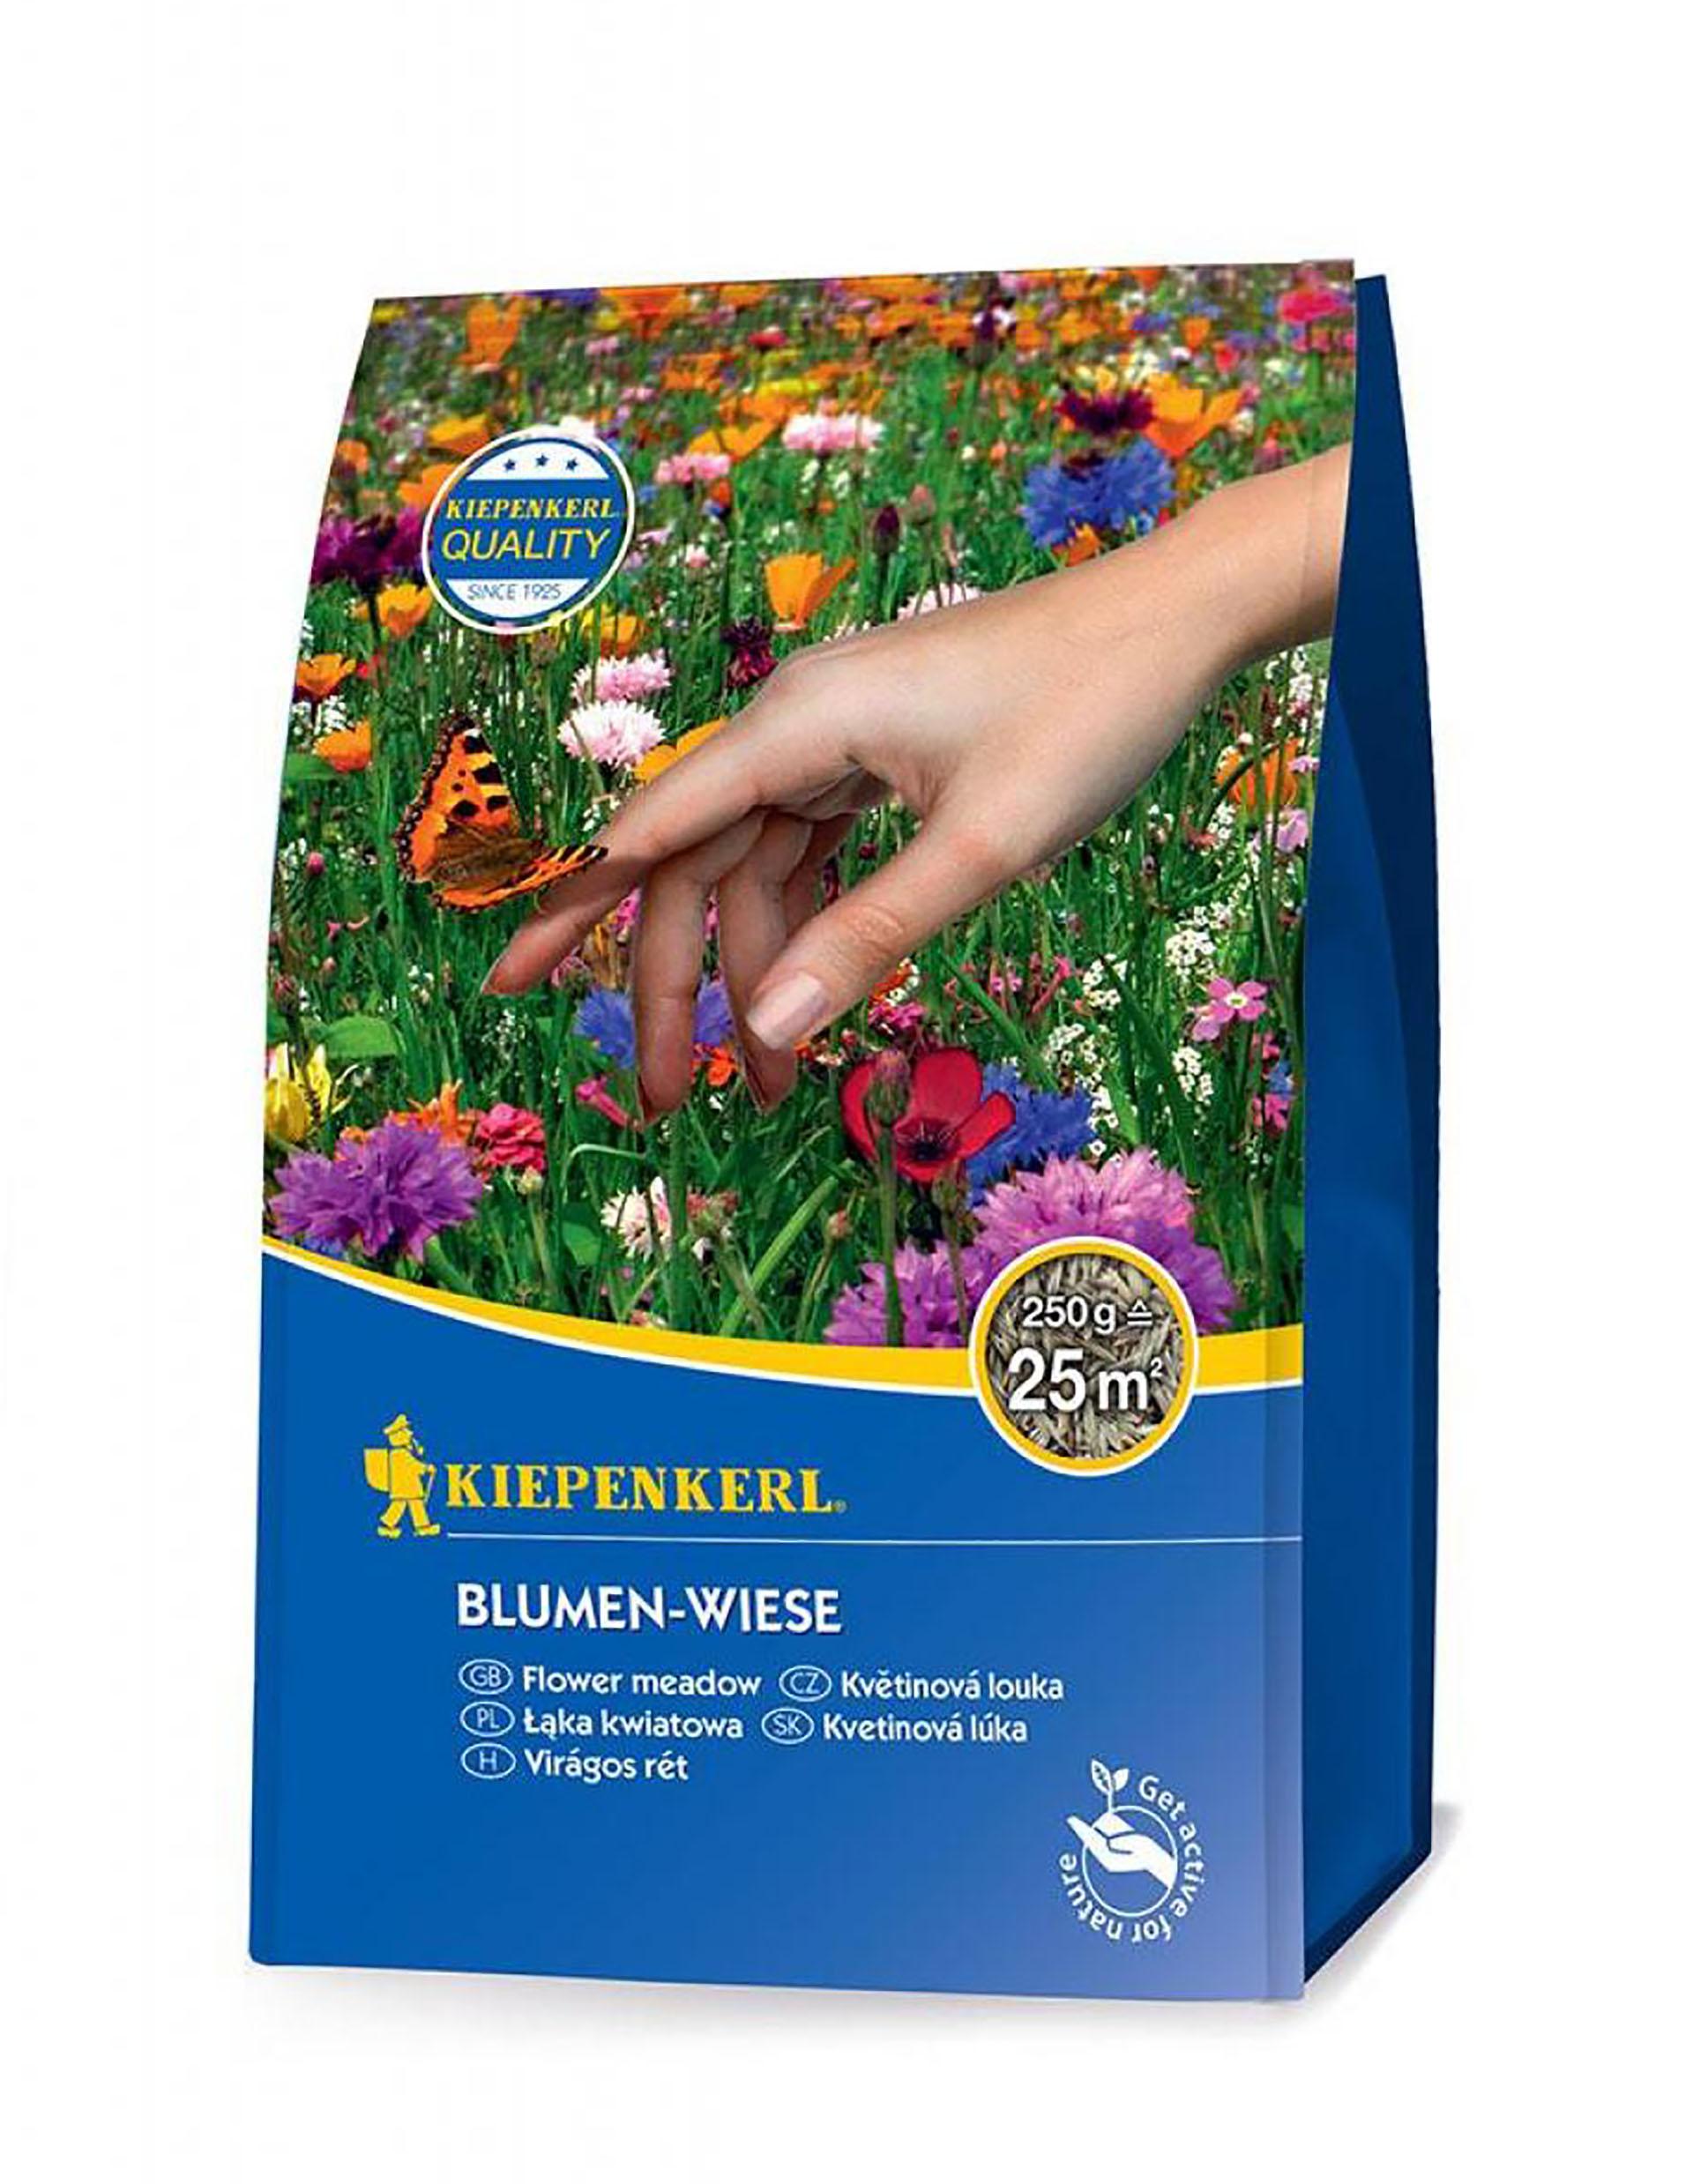 Kiepenkerl Blumen-Wiese 0,25kg